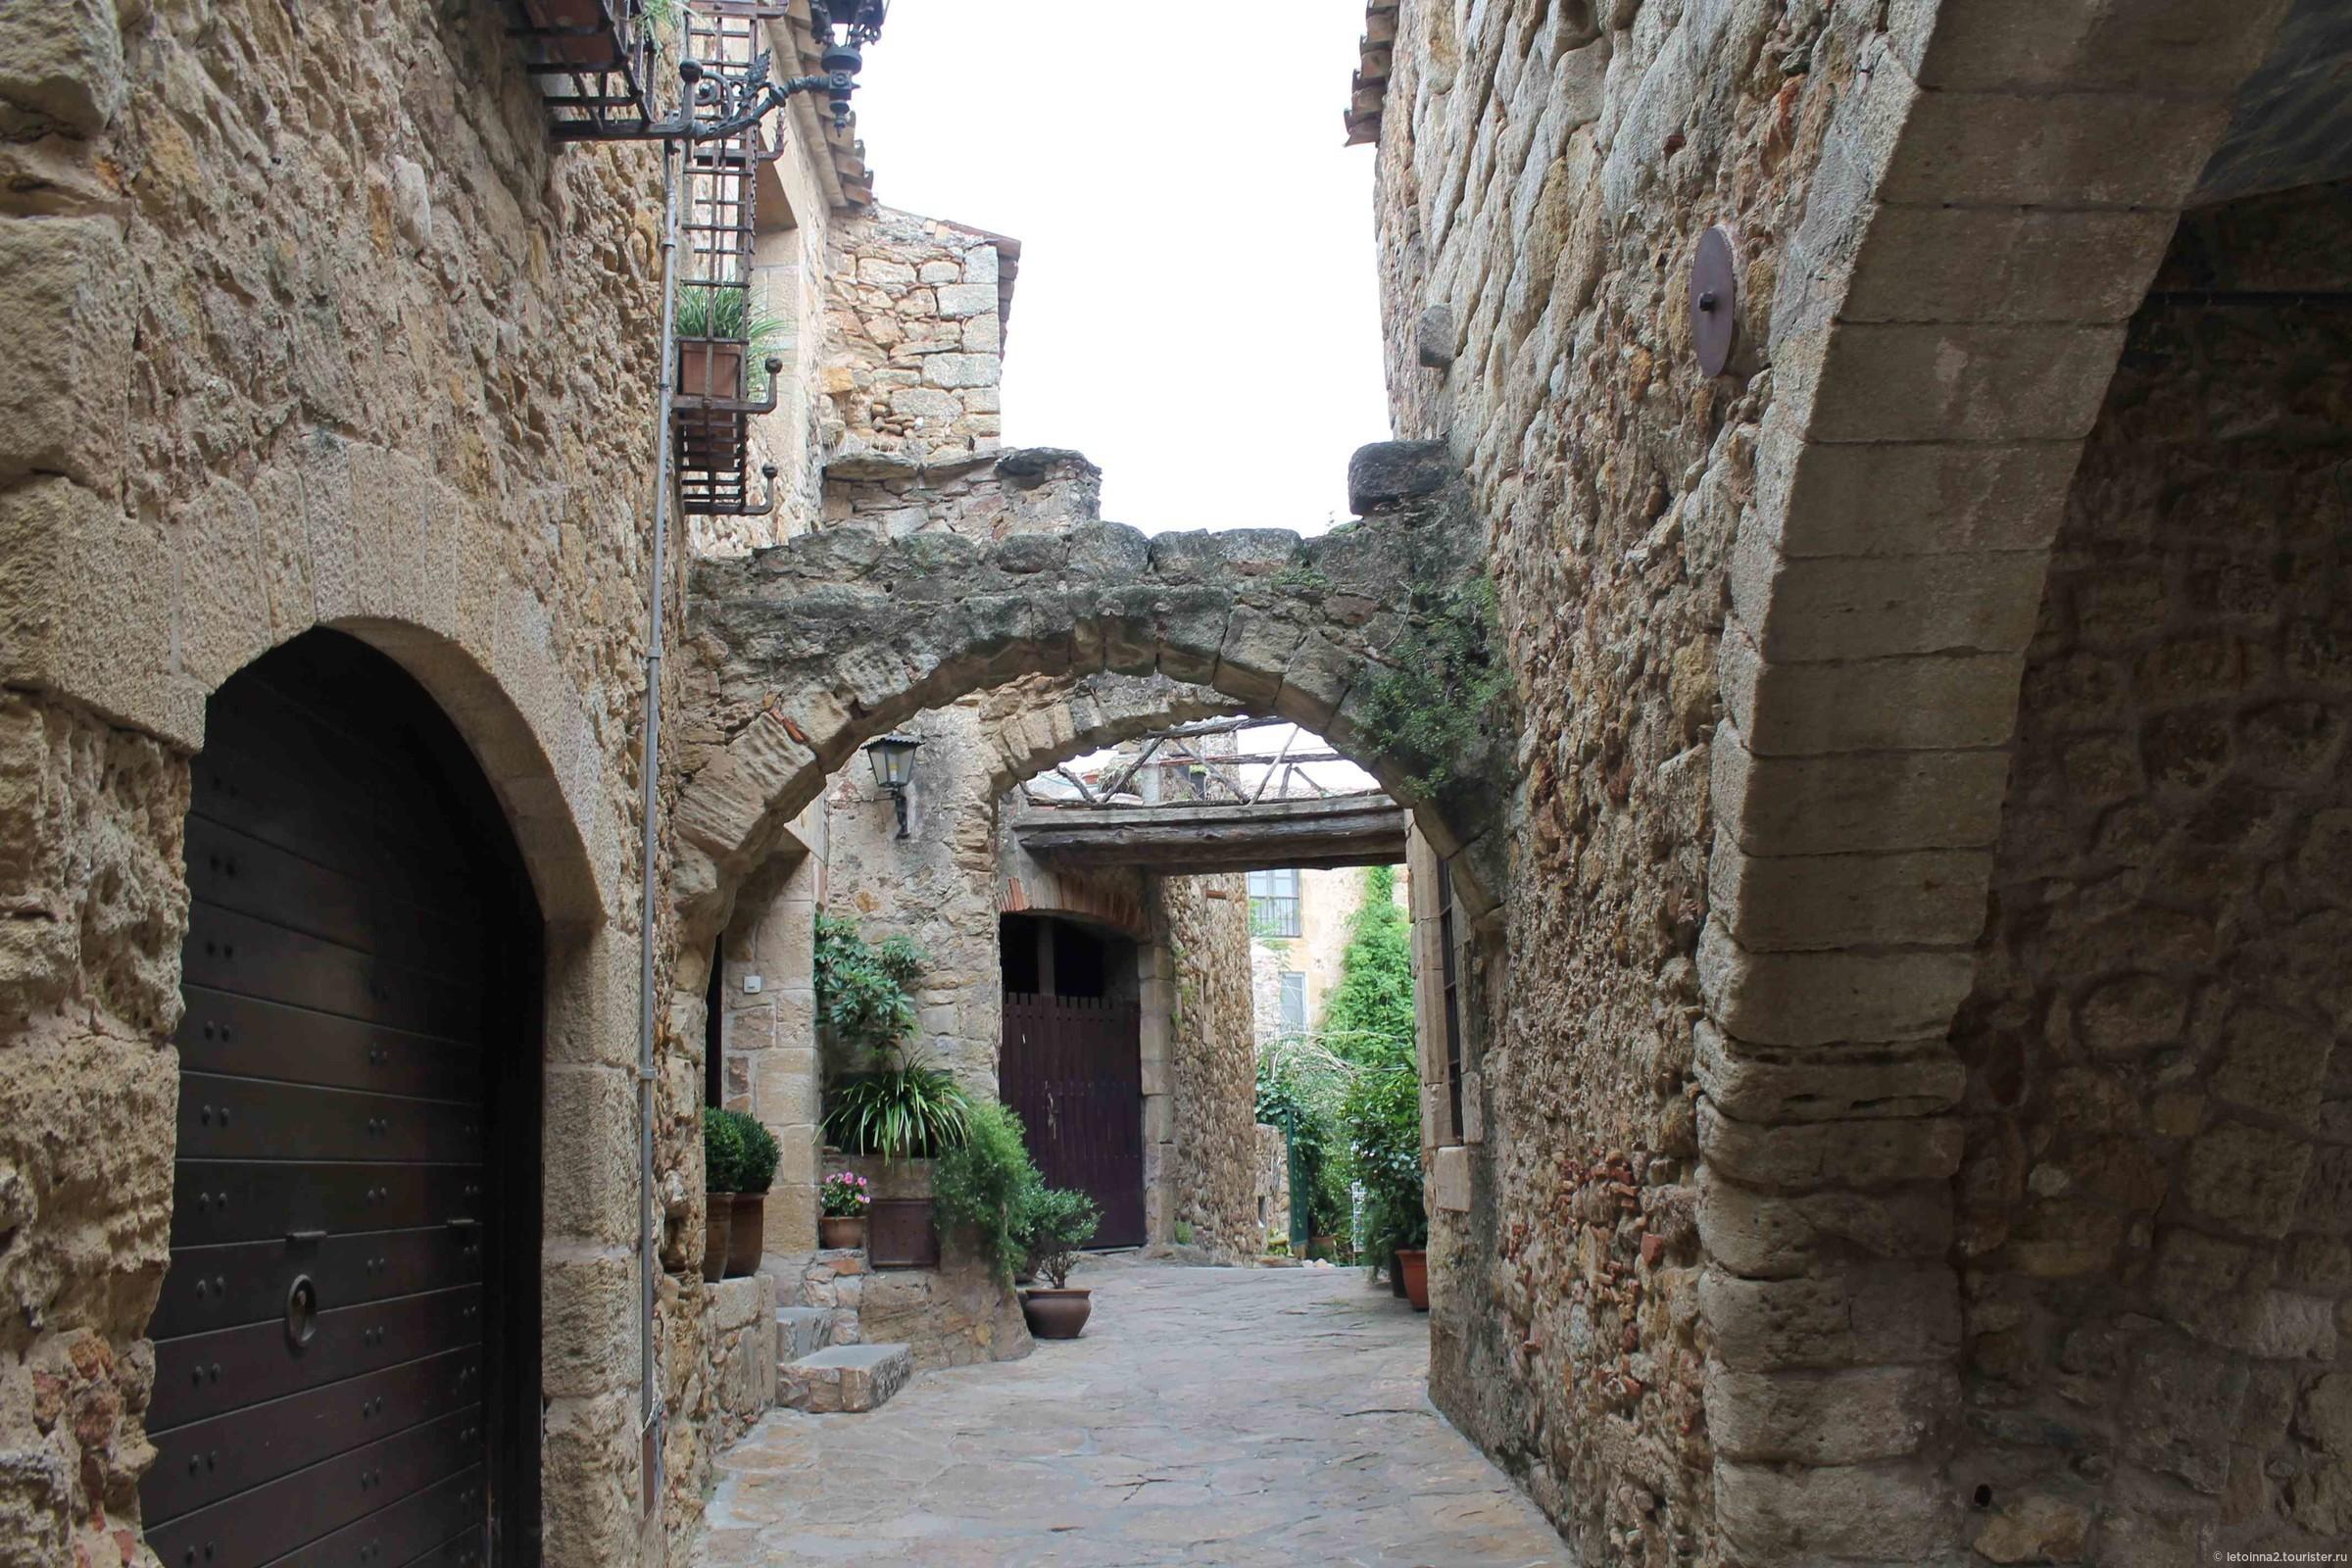 Испанские каникулы Бонифация. Часть II. Средневековая Испания